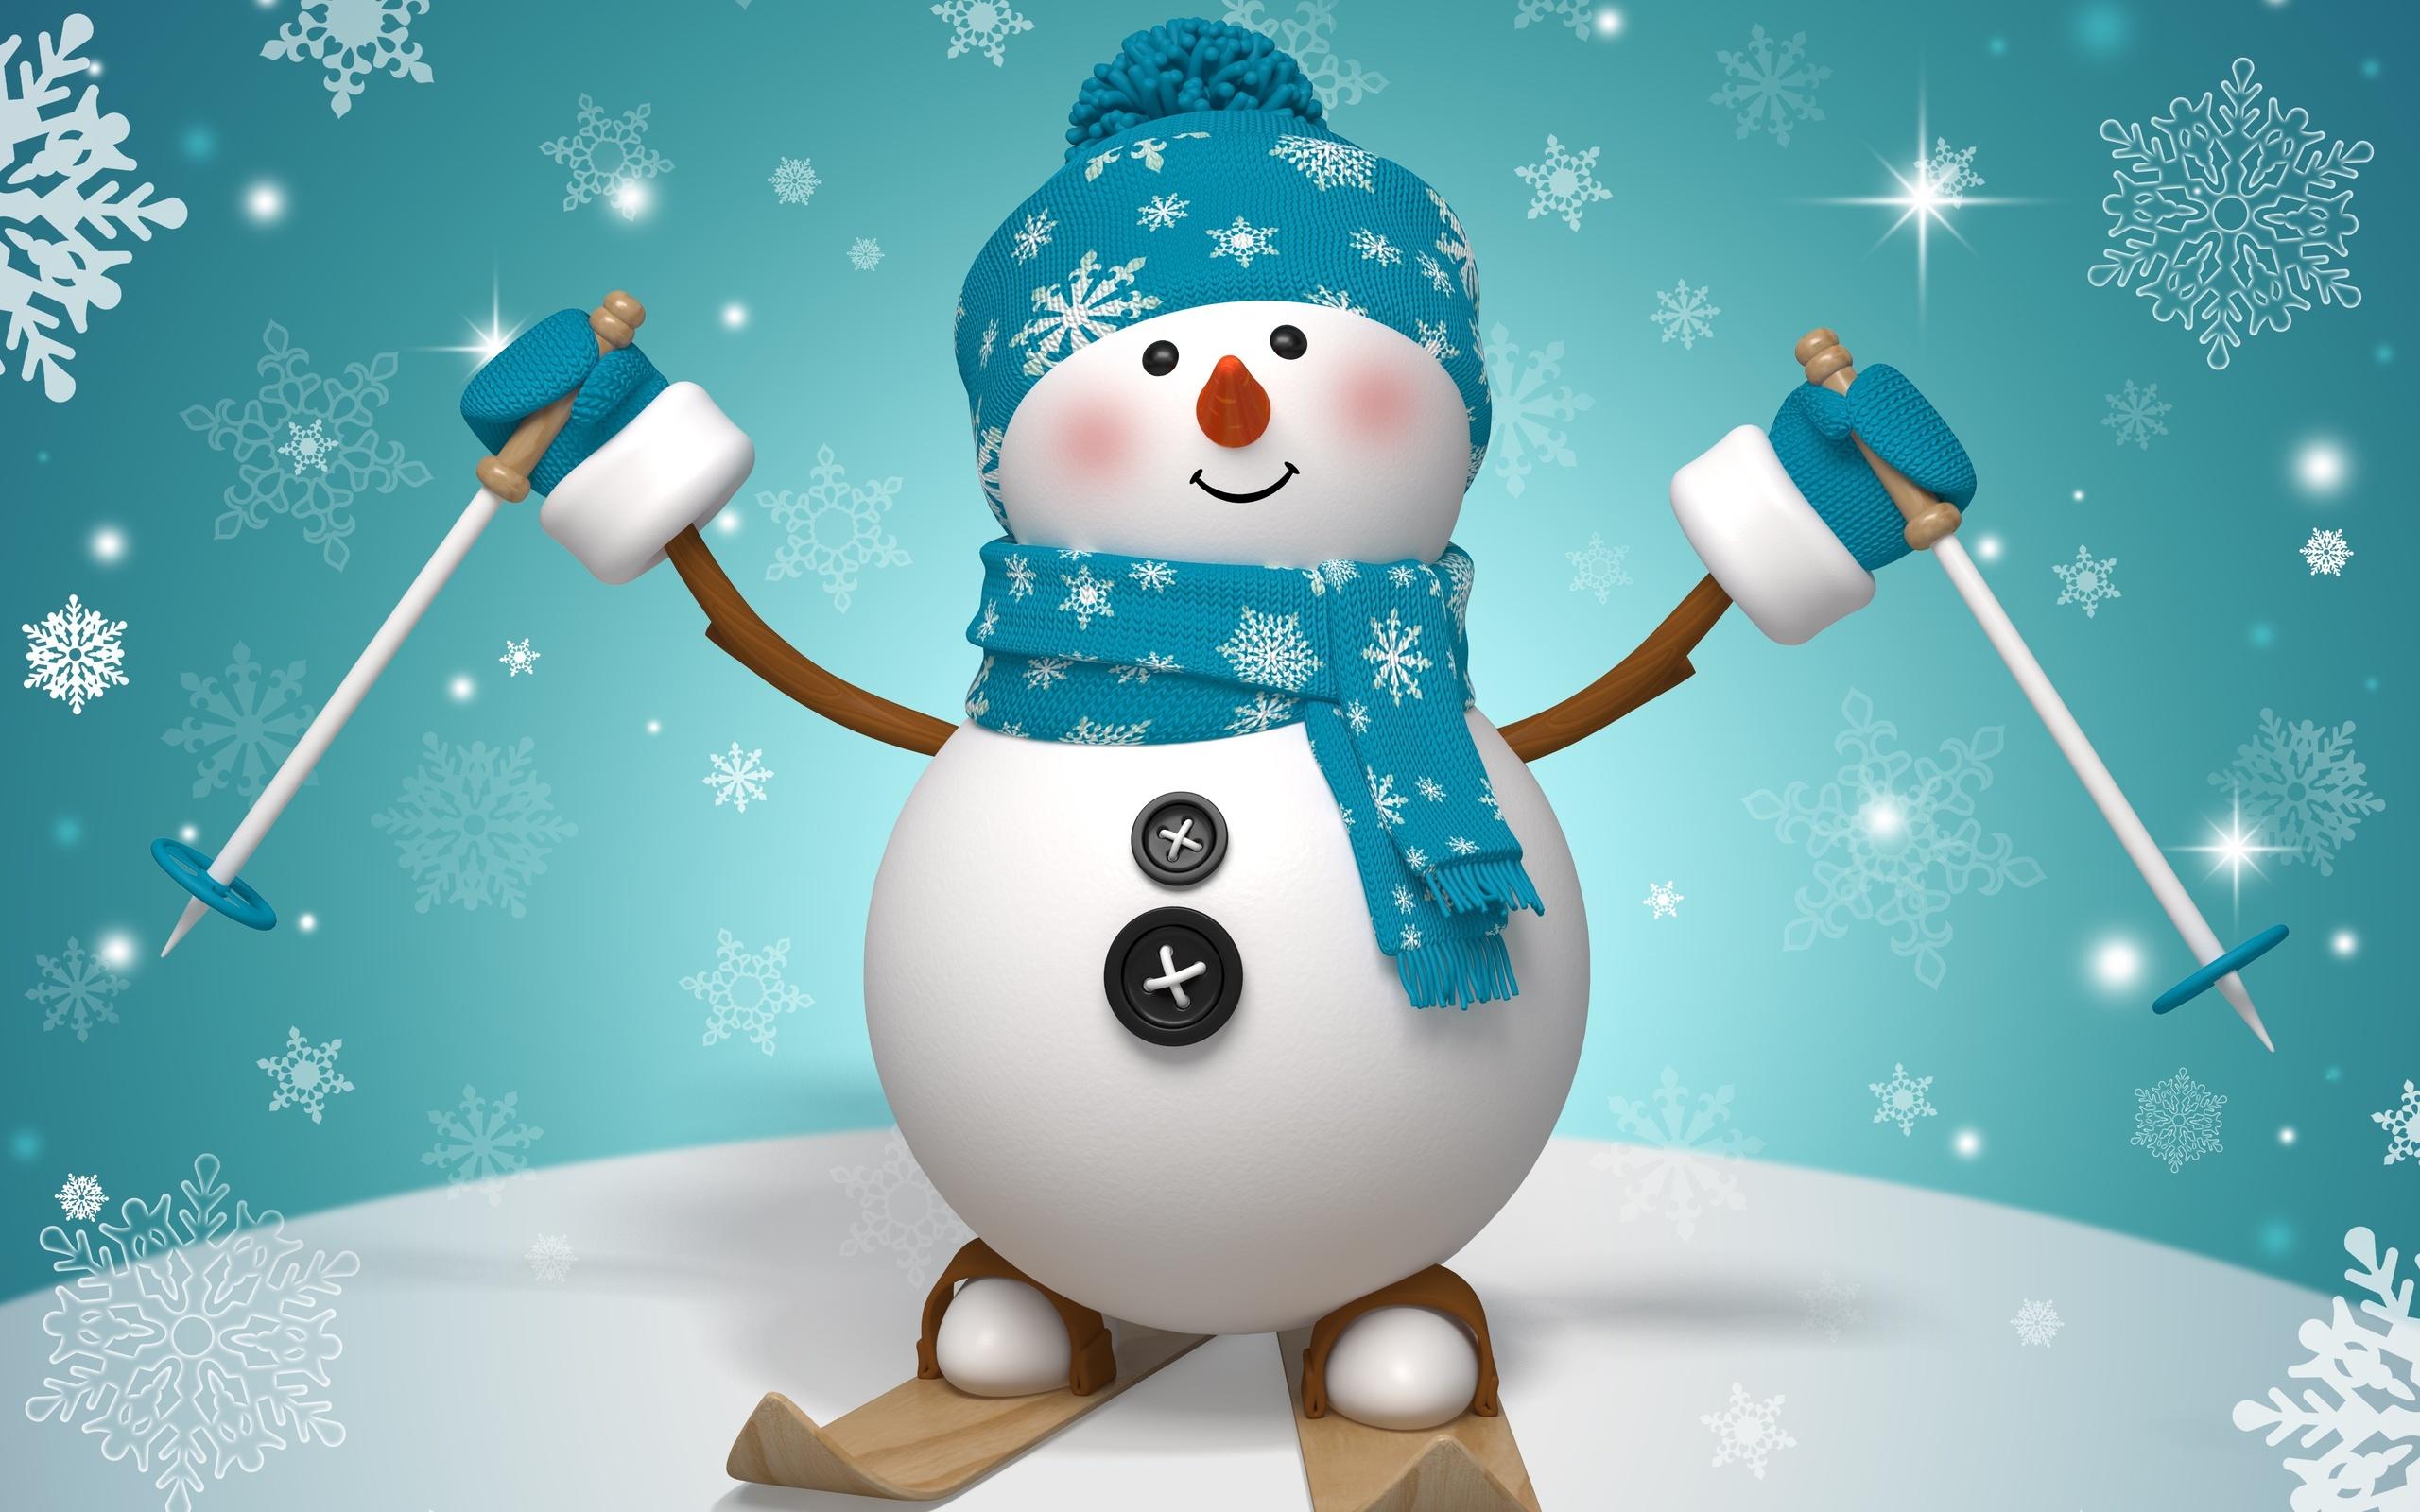 Картинки новогодних снеговиков, подружка открытки гифы